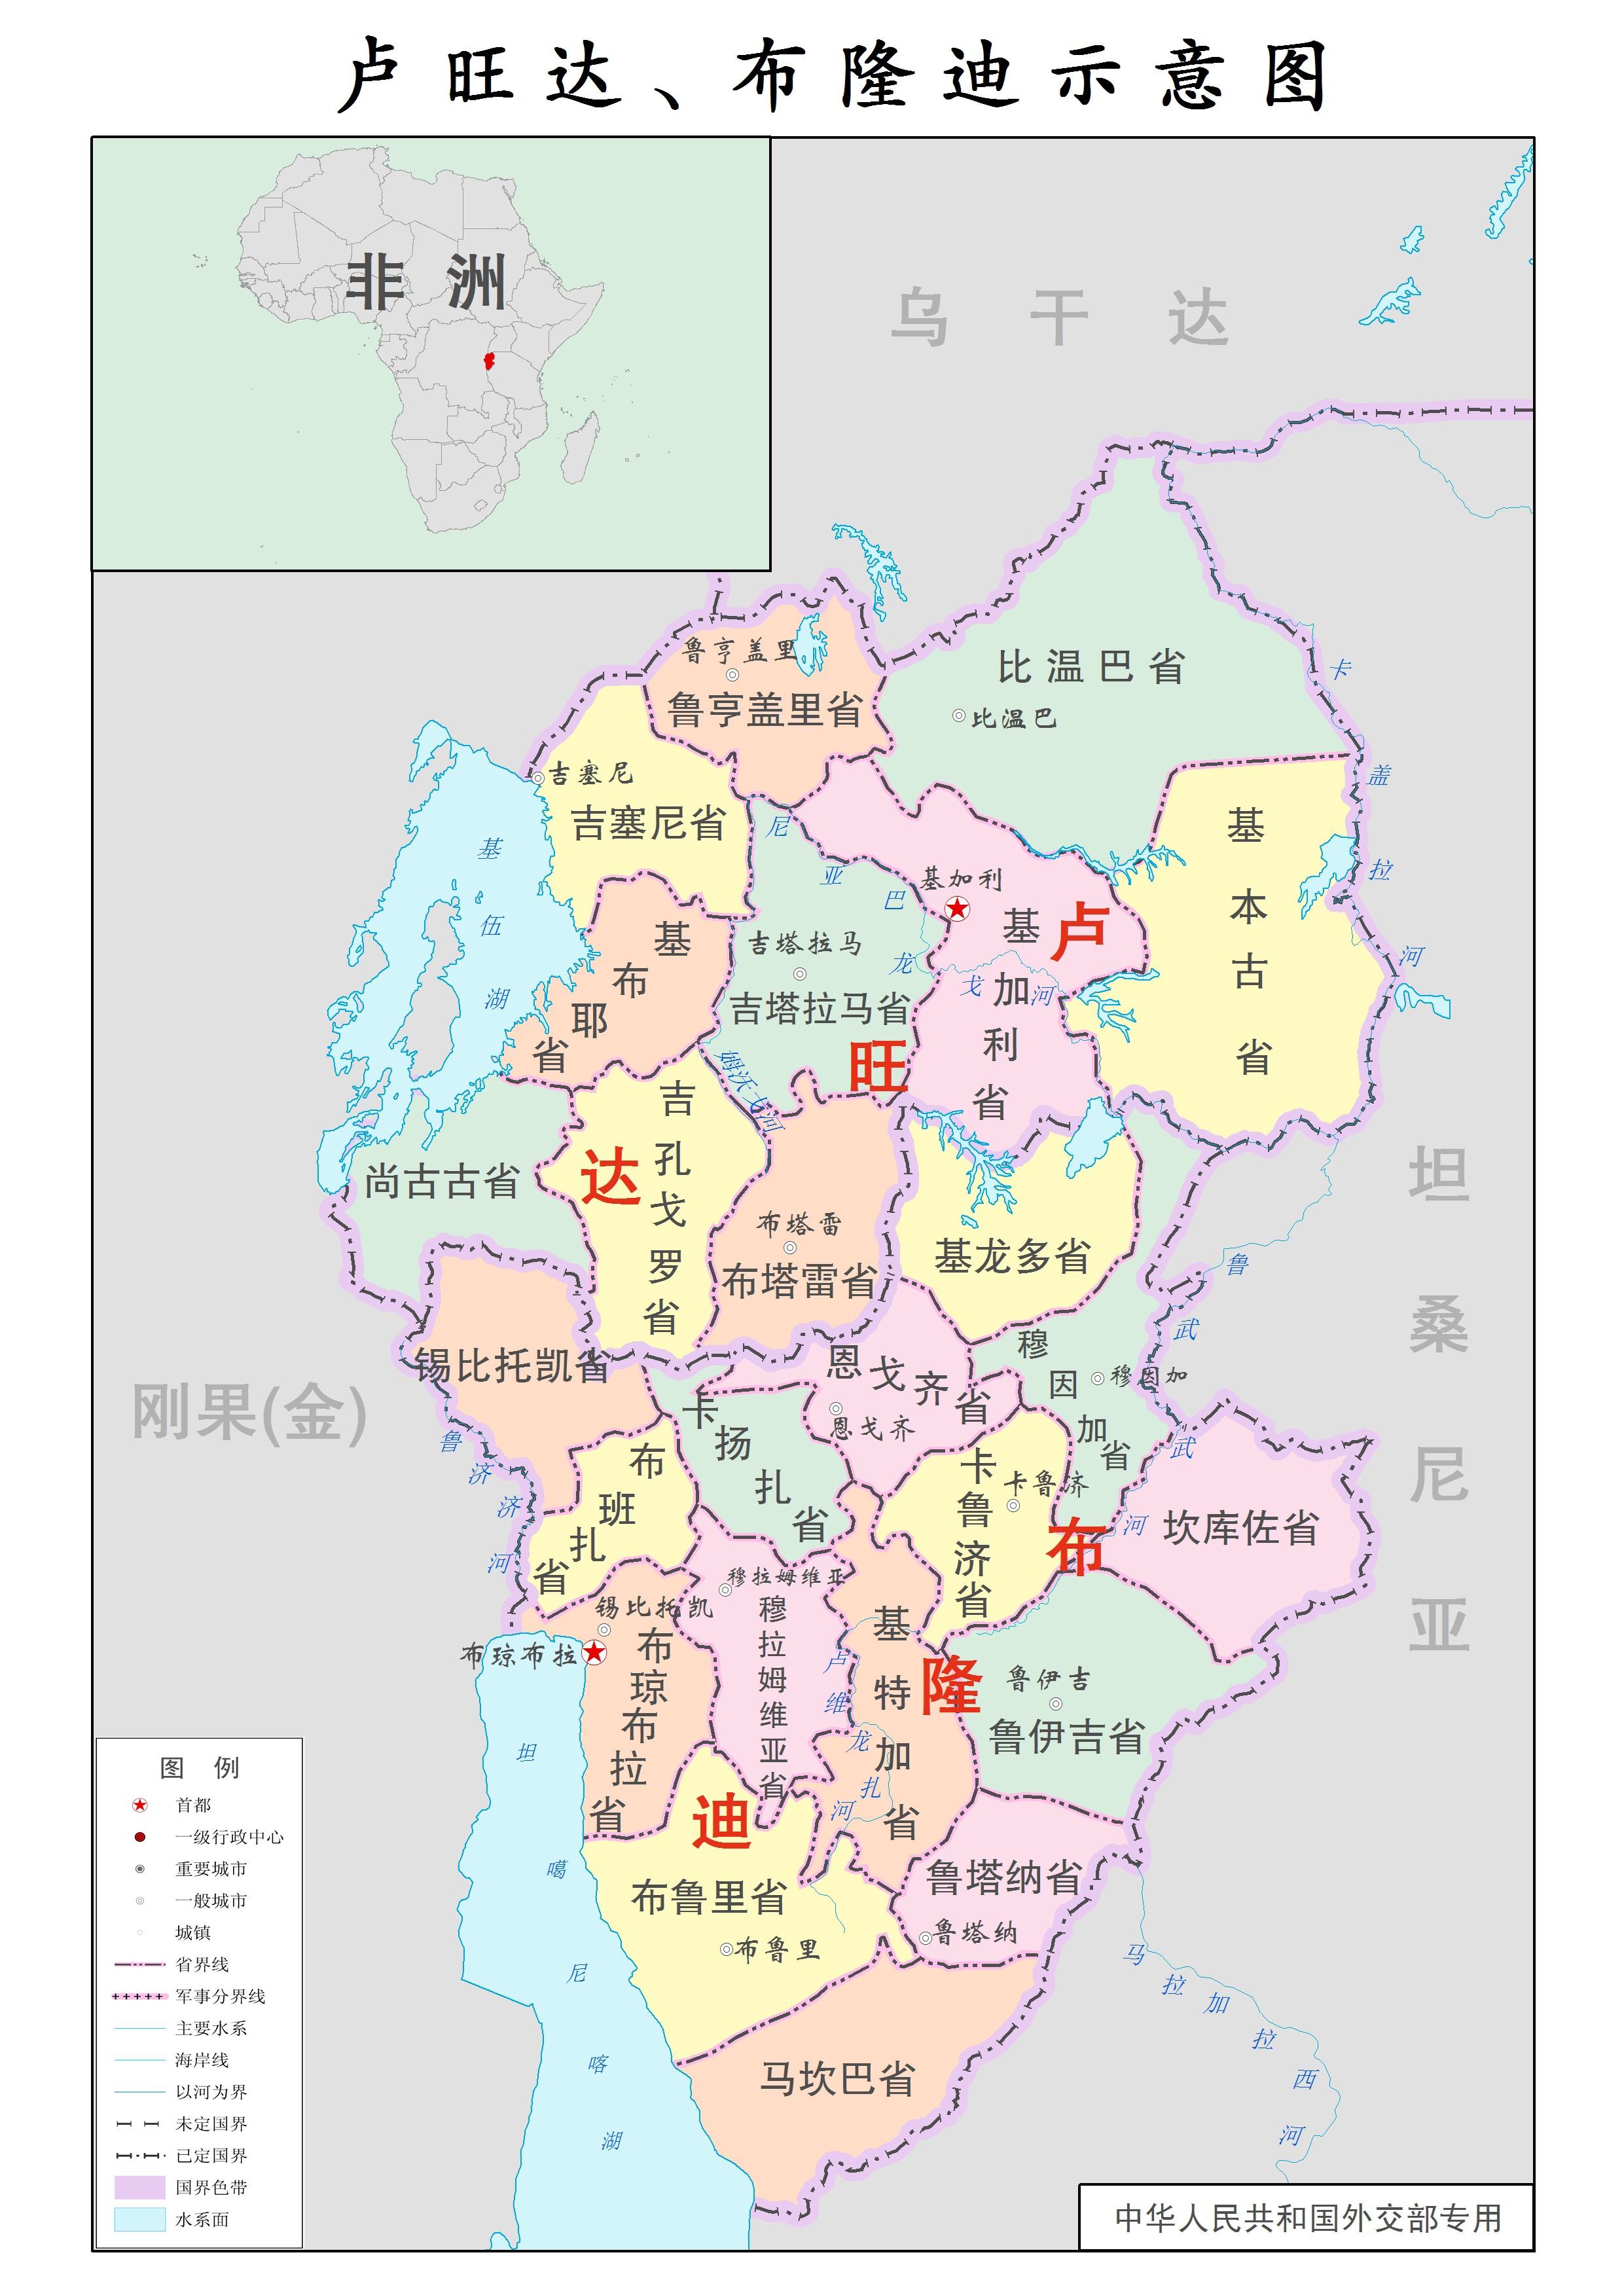 布隆迪地图英文版